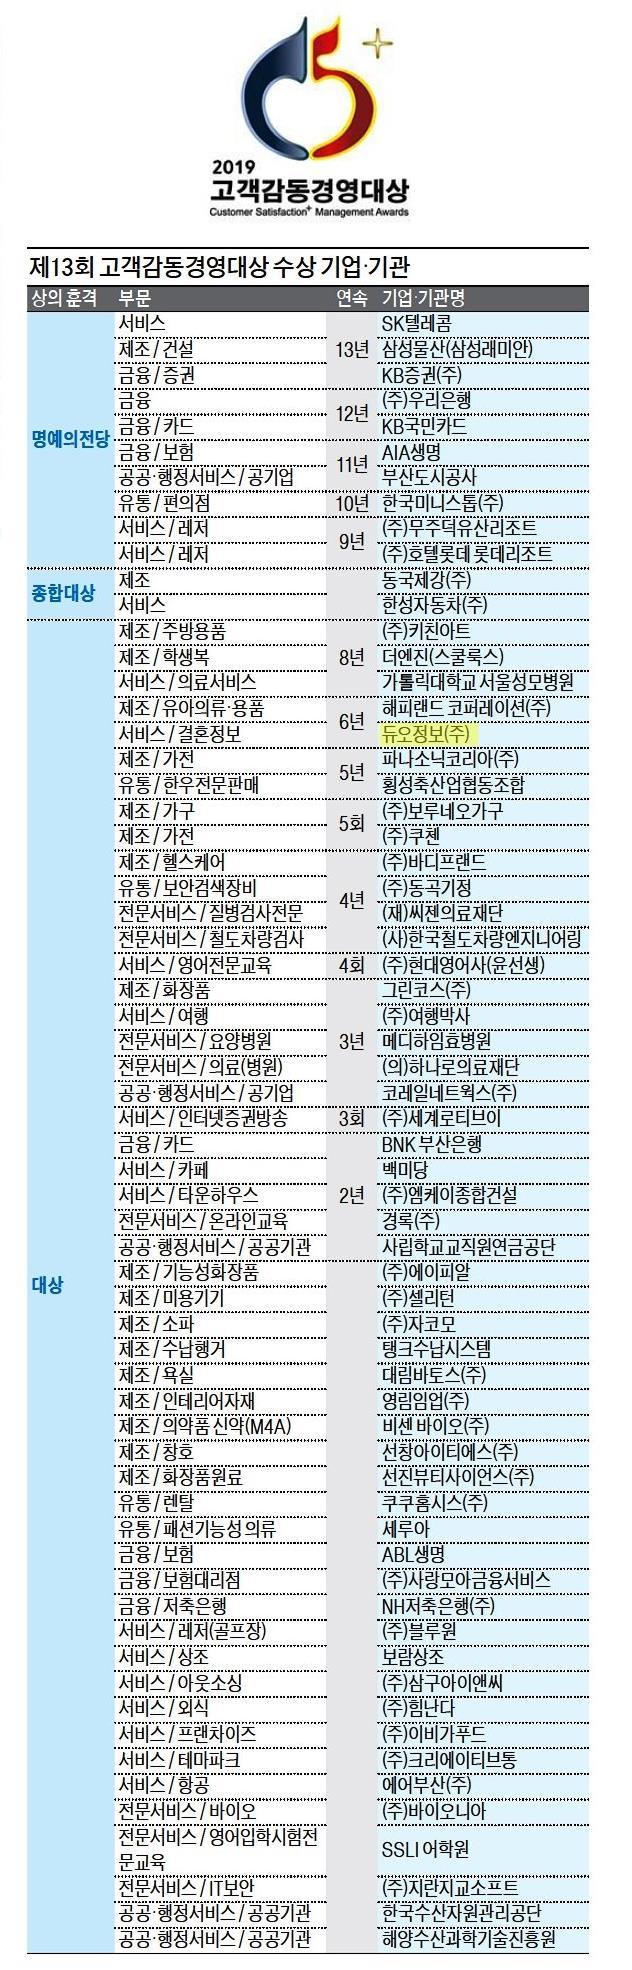 190109_고객감동경영대상_한국경제 (C1면).jpg